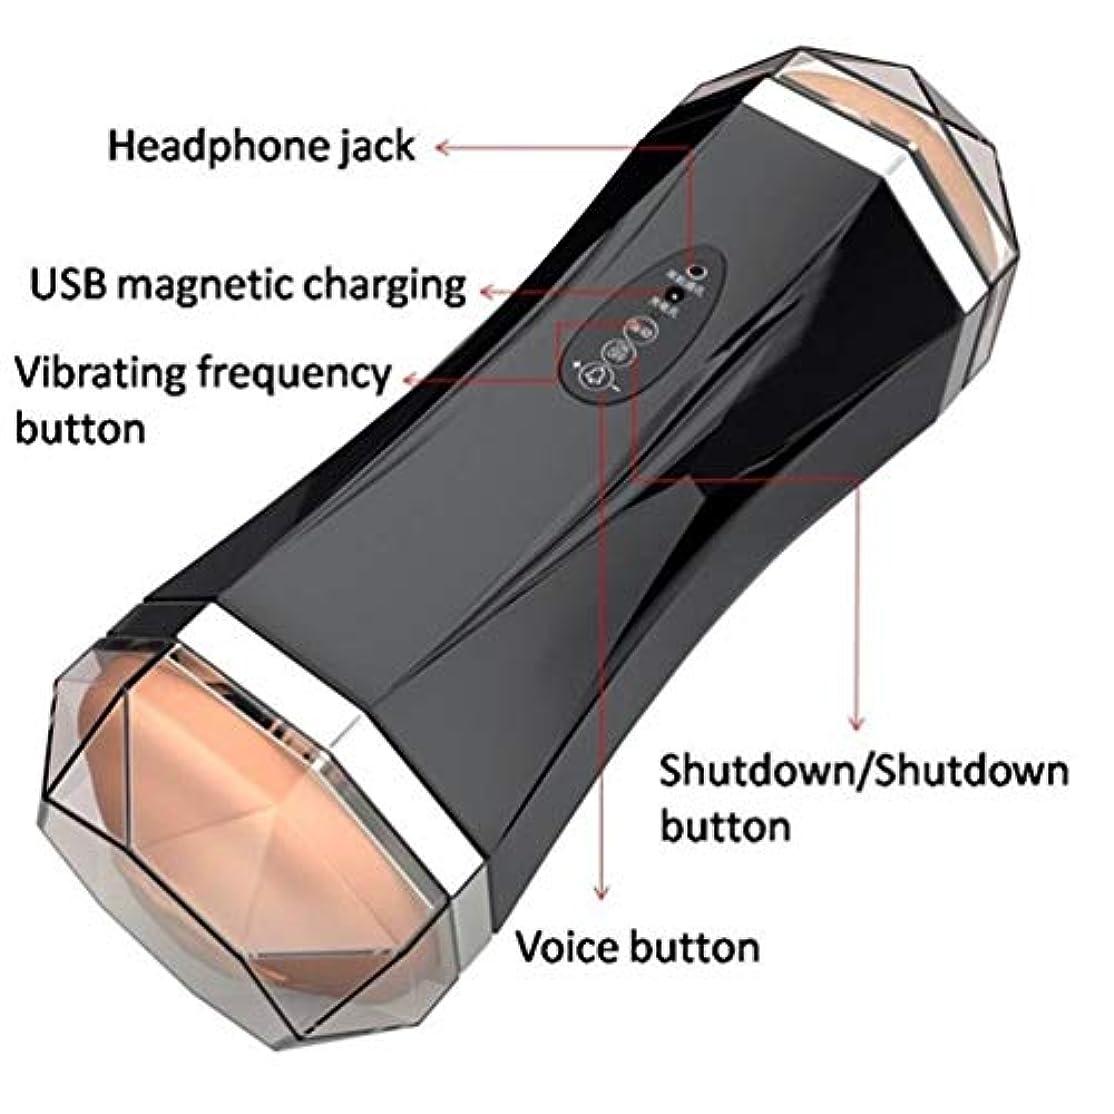 干渉鉱夫インシュレータWoouu USBフラッシュ充電自動吸い込み、ディープスロートの経験ダブルチャンネルマルチバイブレーション周波数